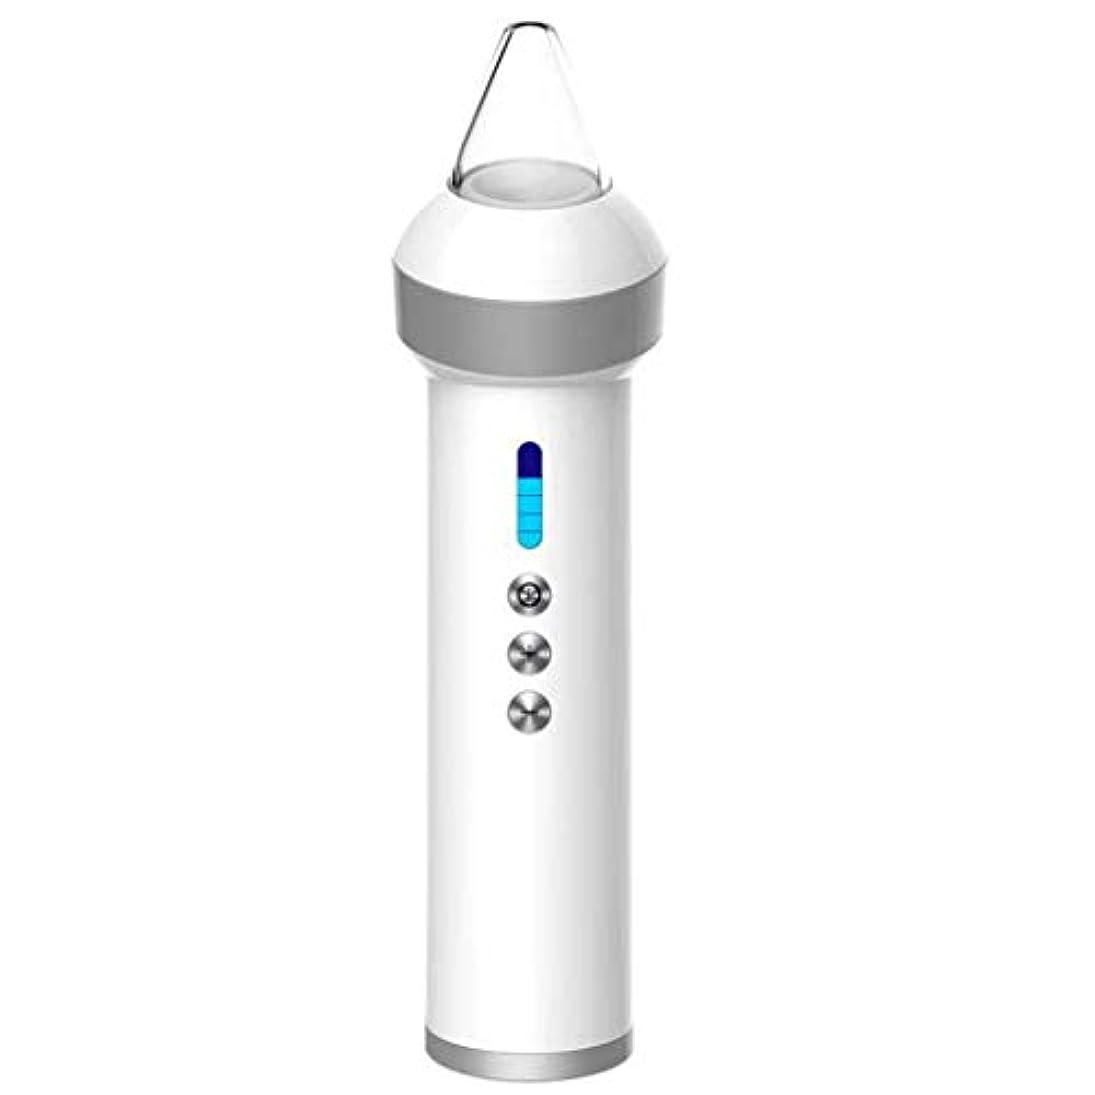 投資中世の放射性電気にきび楽器電気にきびにきび抽出器USB充電式電気皮膚毛穴クレンザー